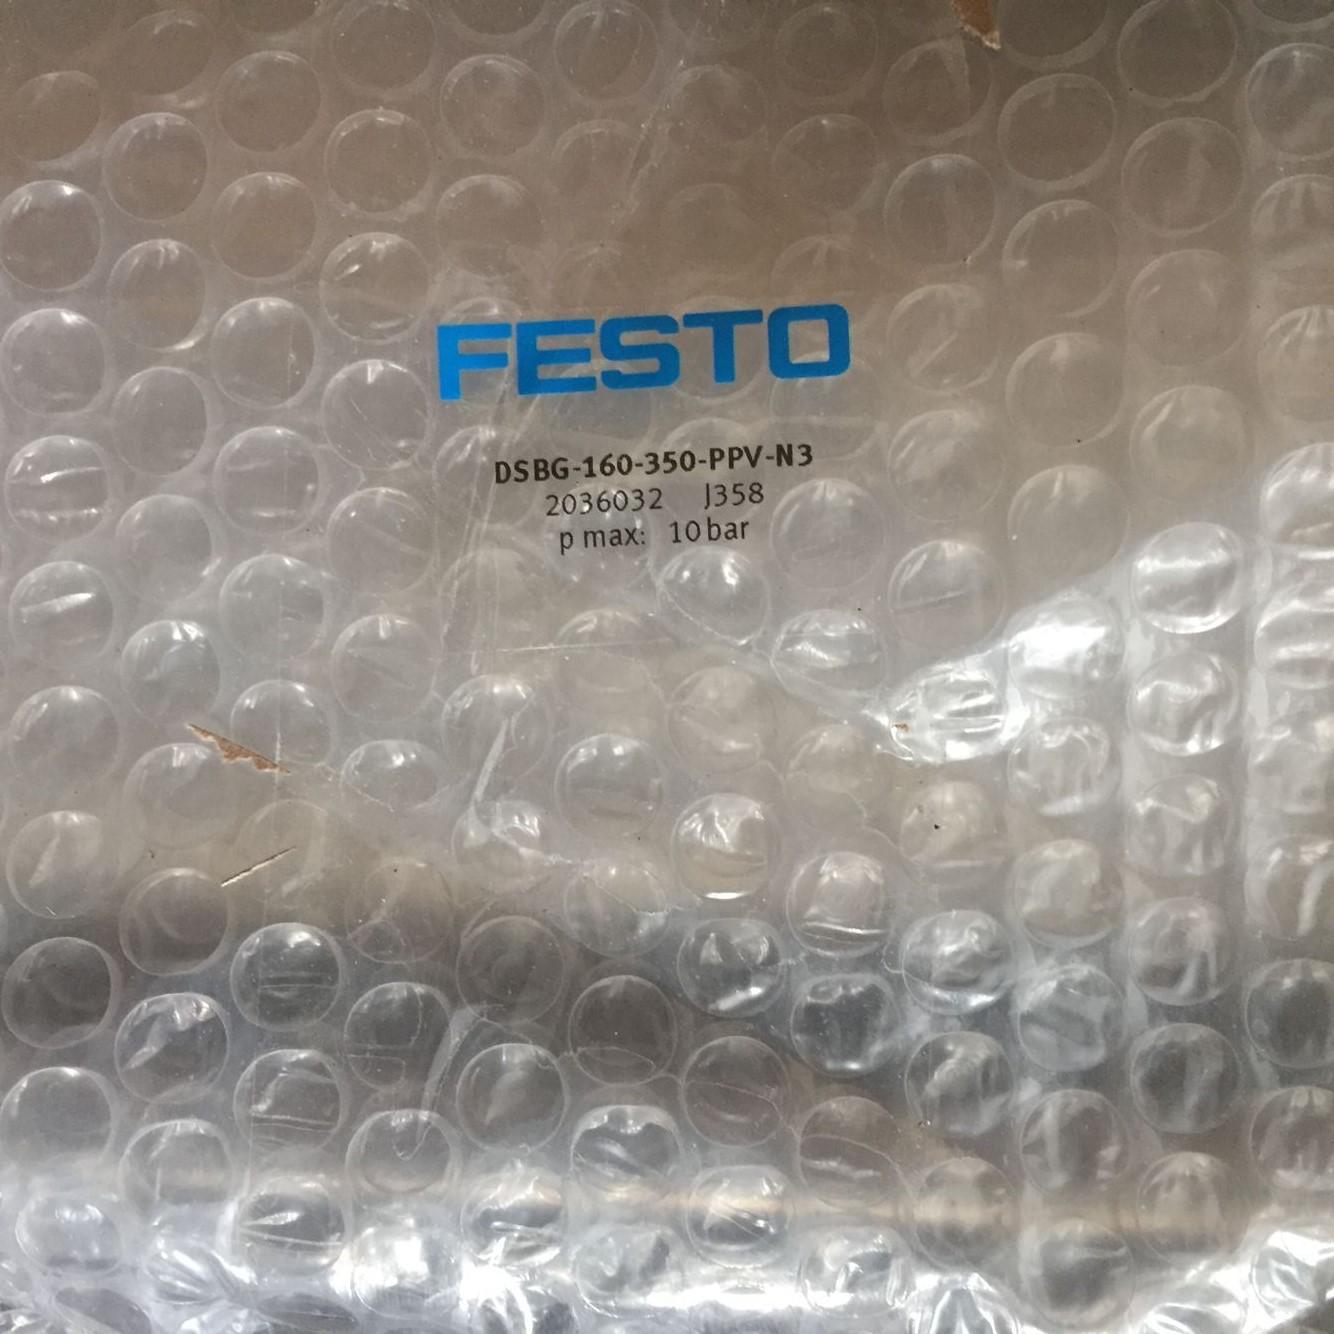 Xy lanh FESTO DSBG-160-350-PVV-N3 2036032